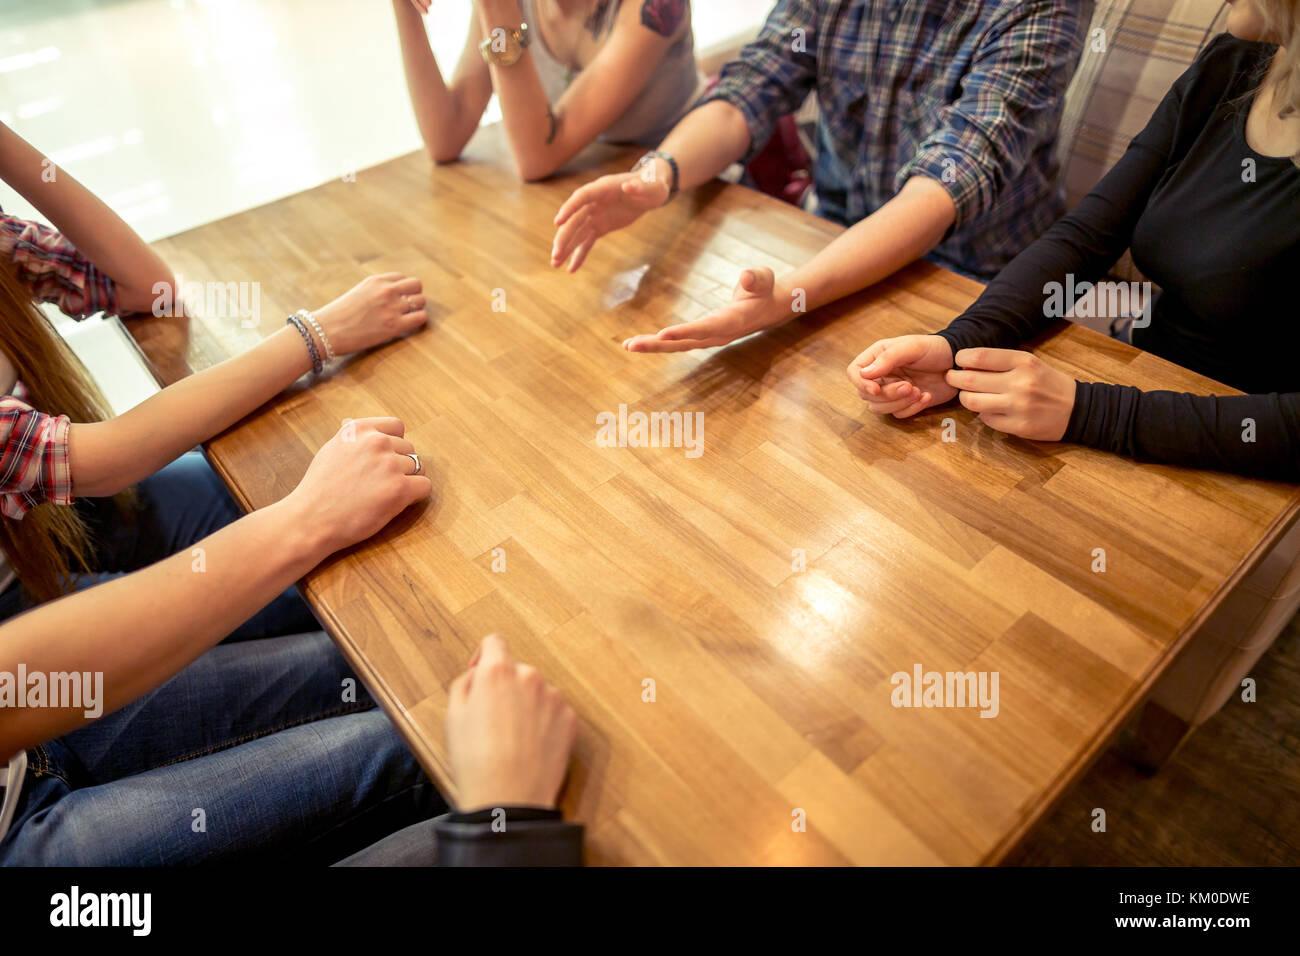 Gruppe von Studenten in einem Cafe Bar an jedem anderen Suchen sitzen Stockbild